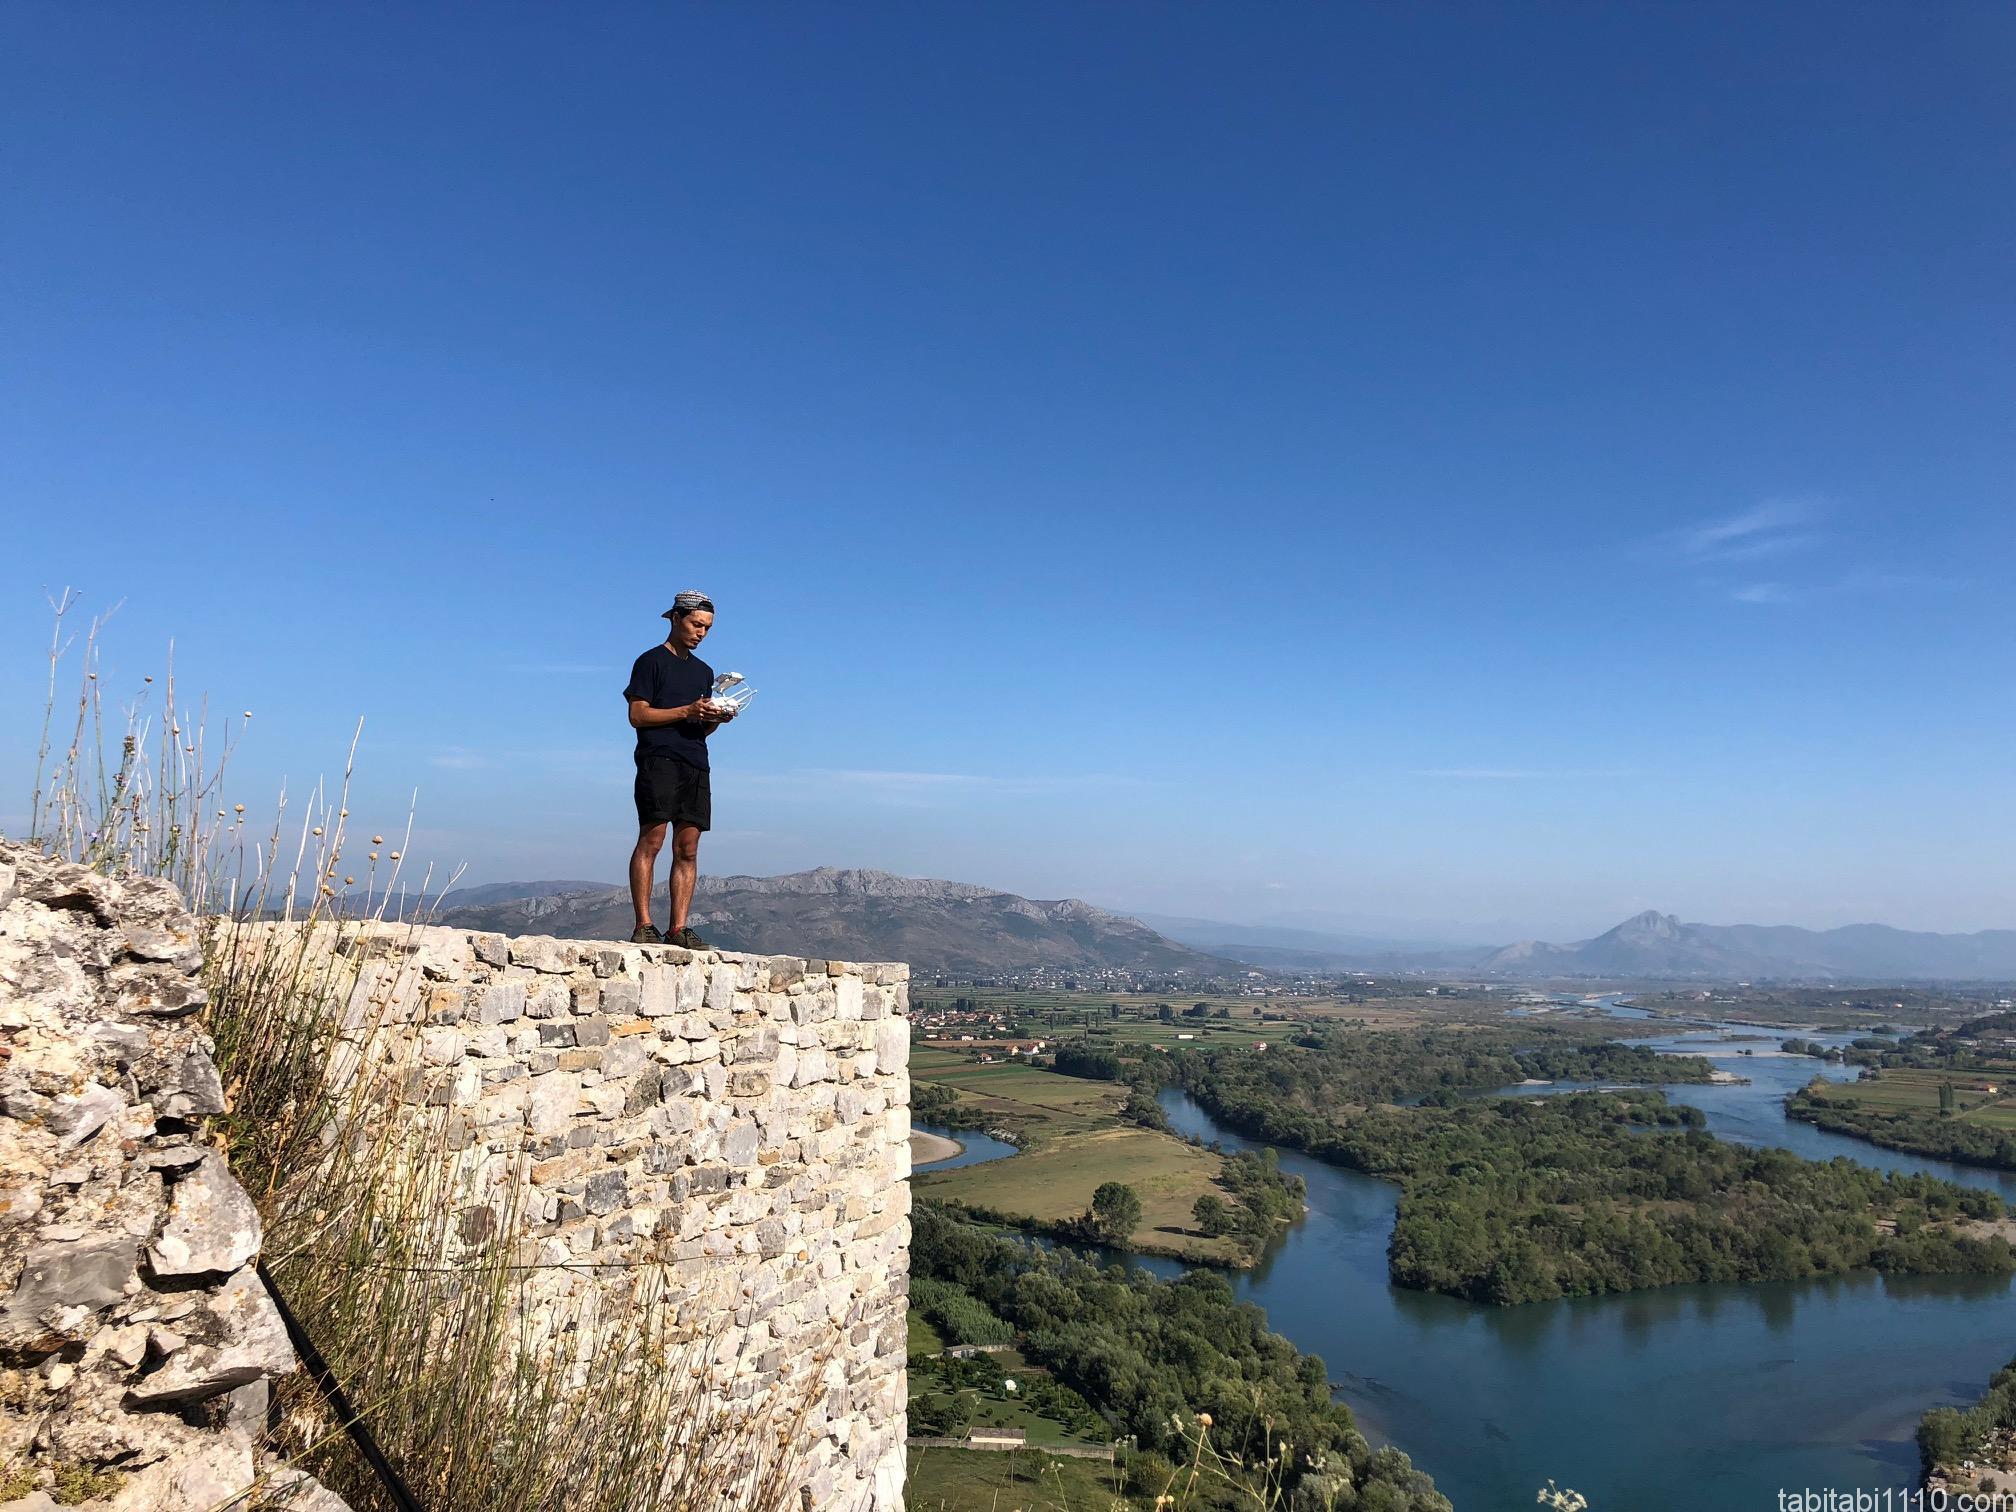 シュコドラ ロザファ城でドローン空撮